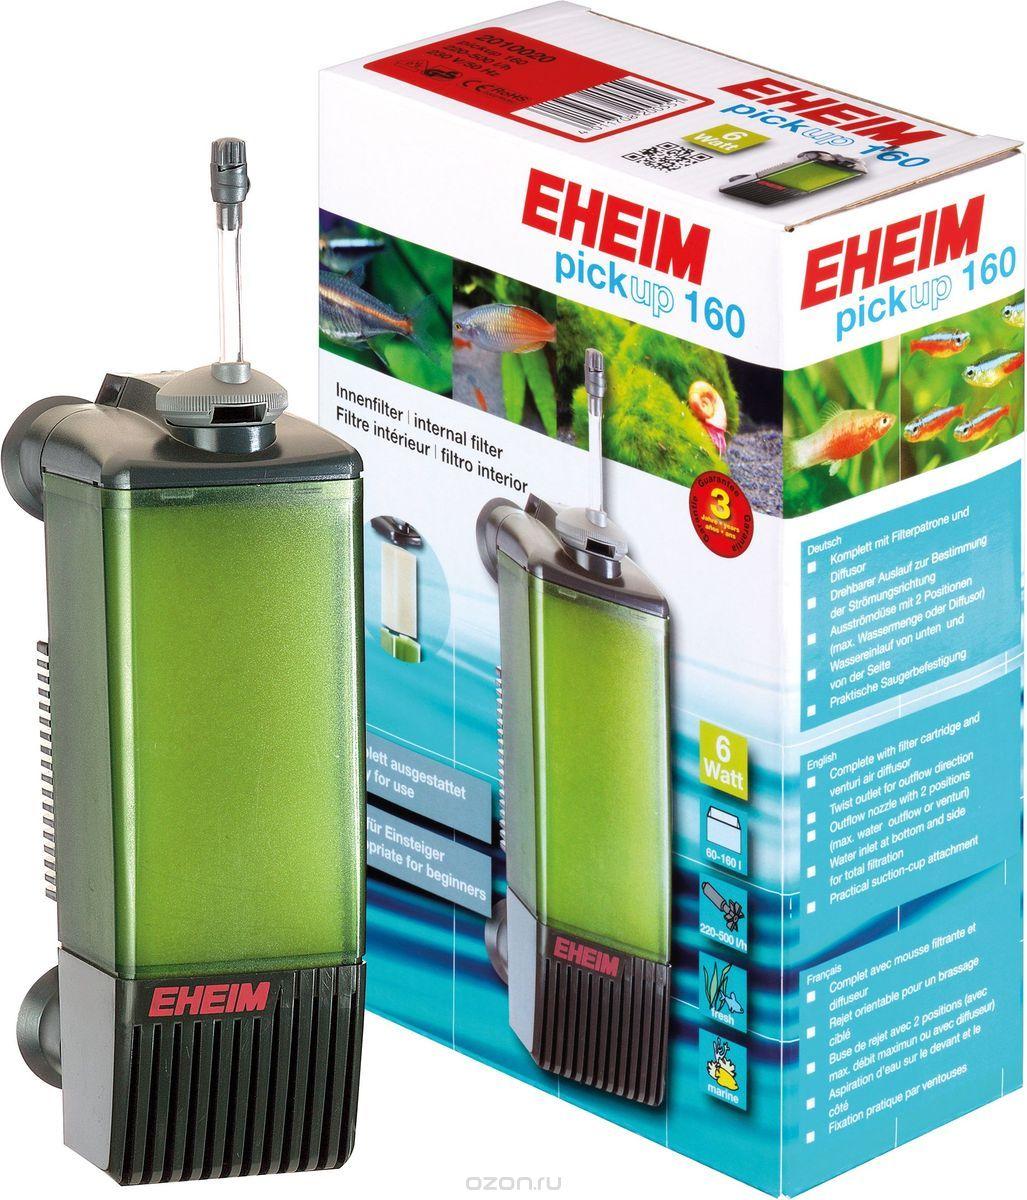 Самодельный фильтр для аквариума: внешний (наружный) и внутренний, пошаговая инструкция, которая расскажет, как сделать такую систему самому в домашних условиях